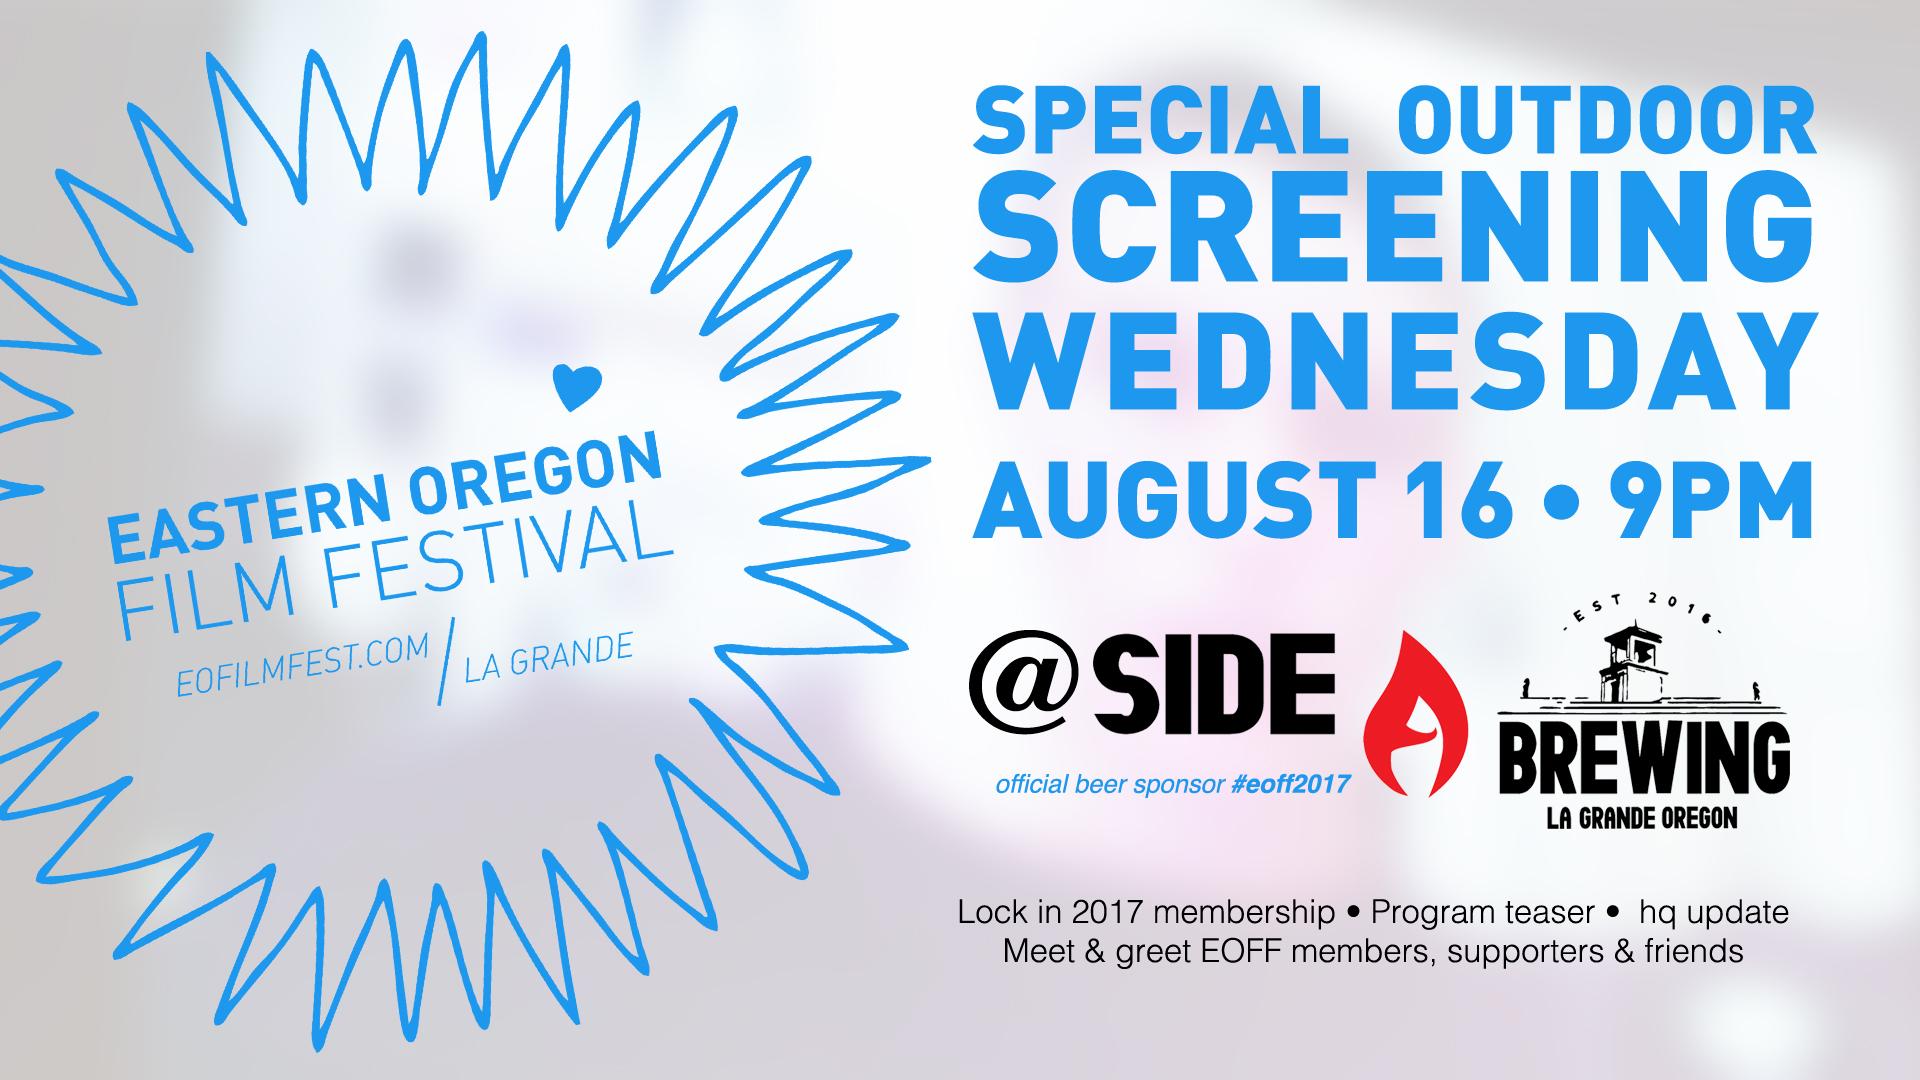 EOFF Outdoor Summer Screening